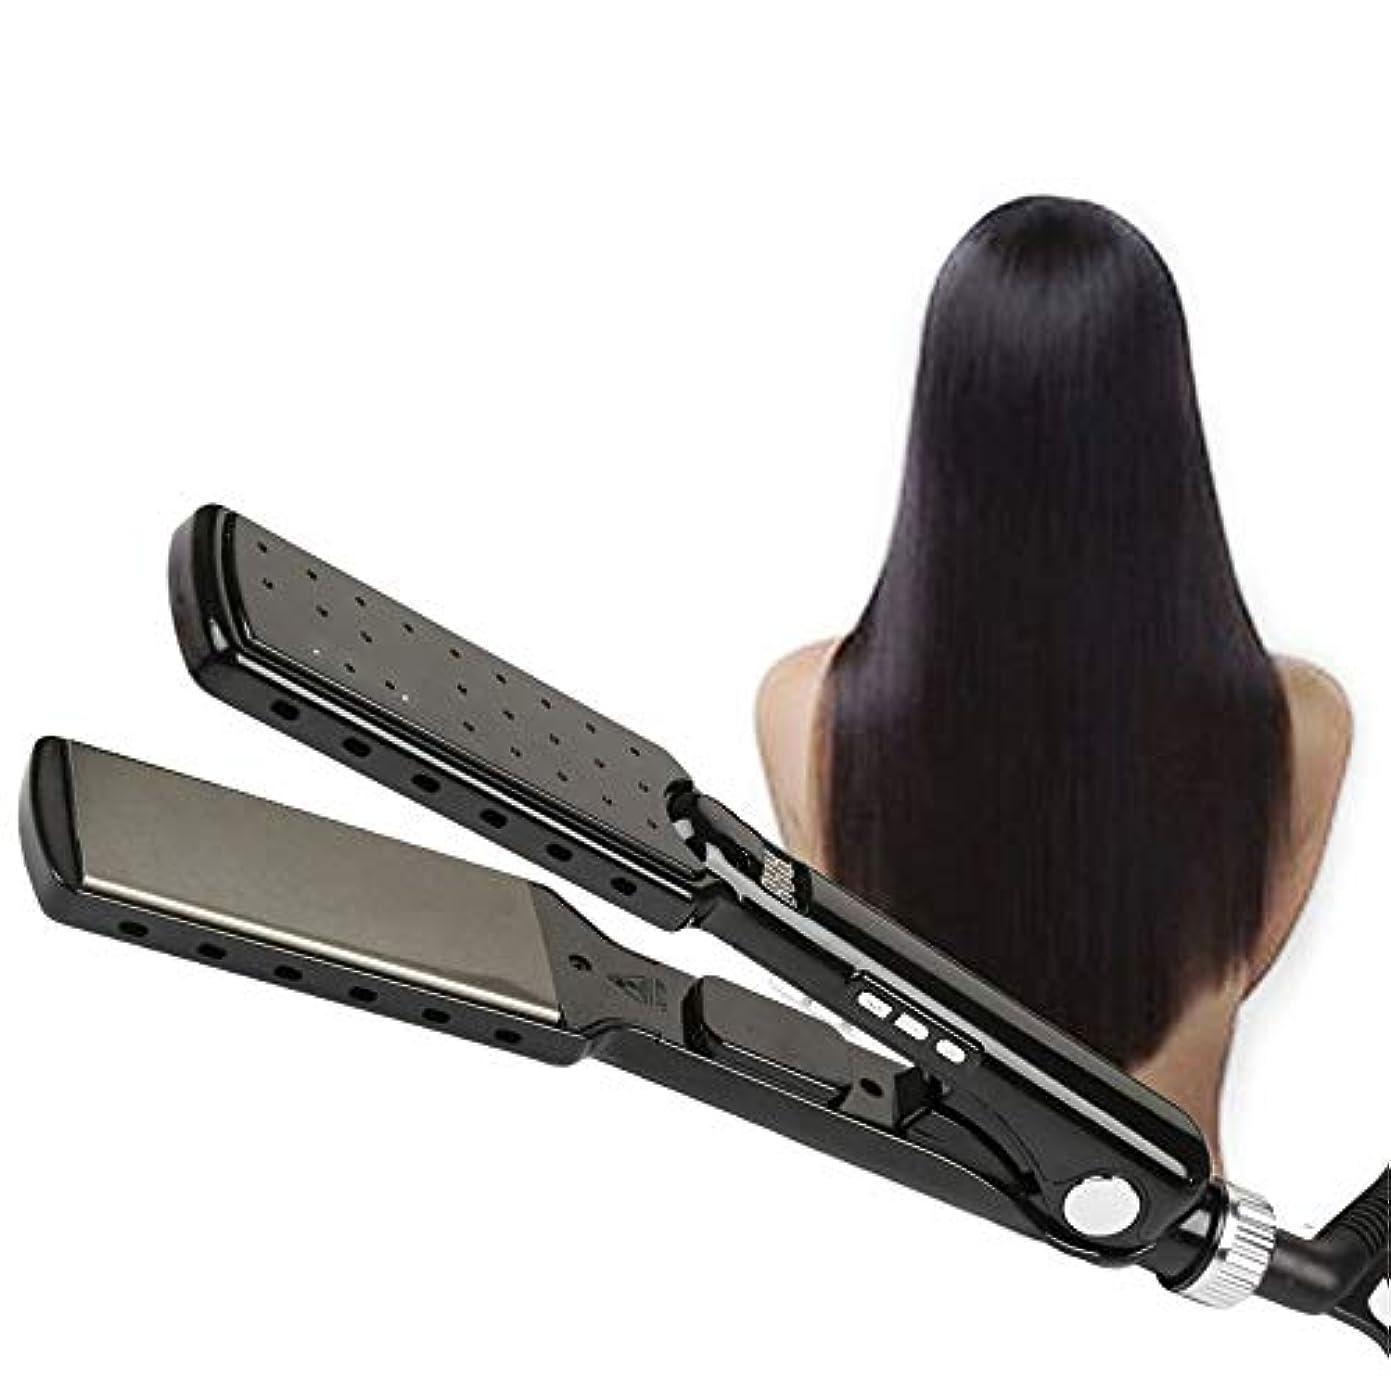 応じるヒゲ下品ストレートヘアスティック 360度回転デュアル電圧旅行毛矯正ストレート温度調節可能な毛矯正 すべてのタイプの髪に適しています (色 : A, サイズ : Free size)